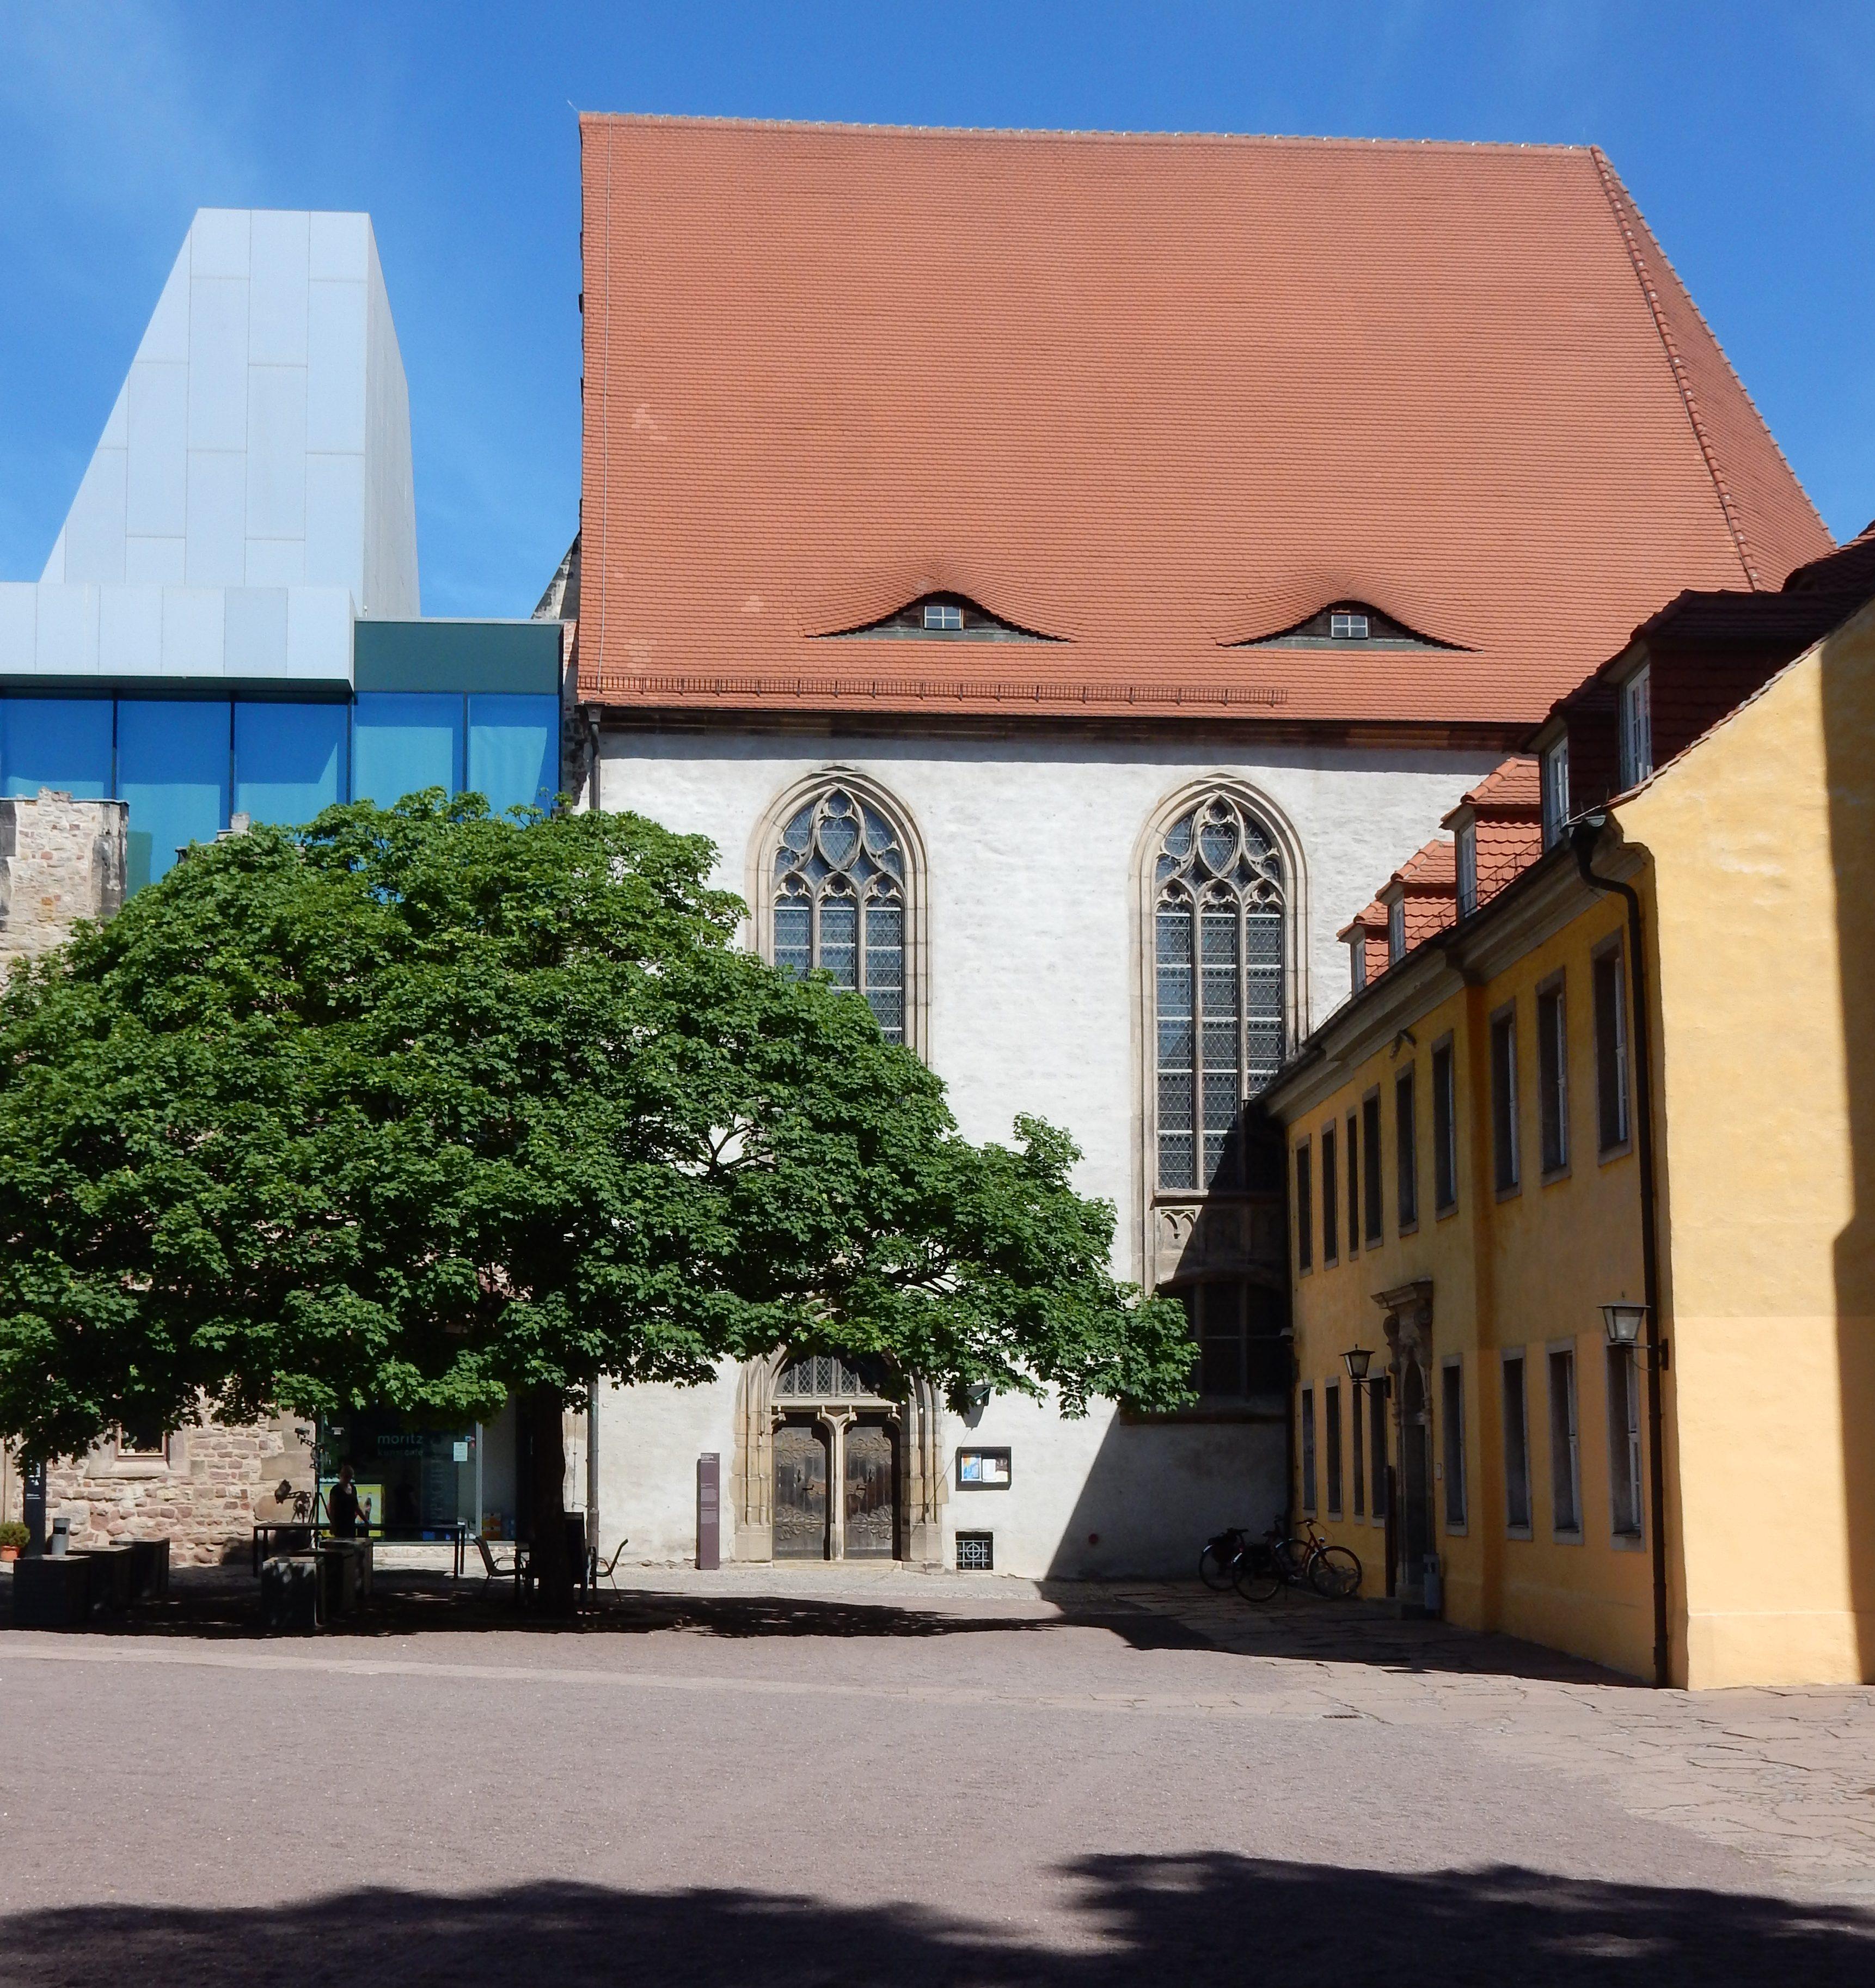 Moritzburg, Halle, 4 mei 2018. Foto met dank aan Coert Peter Krabbe, CC BY 4.0